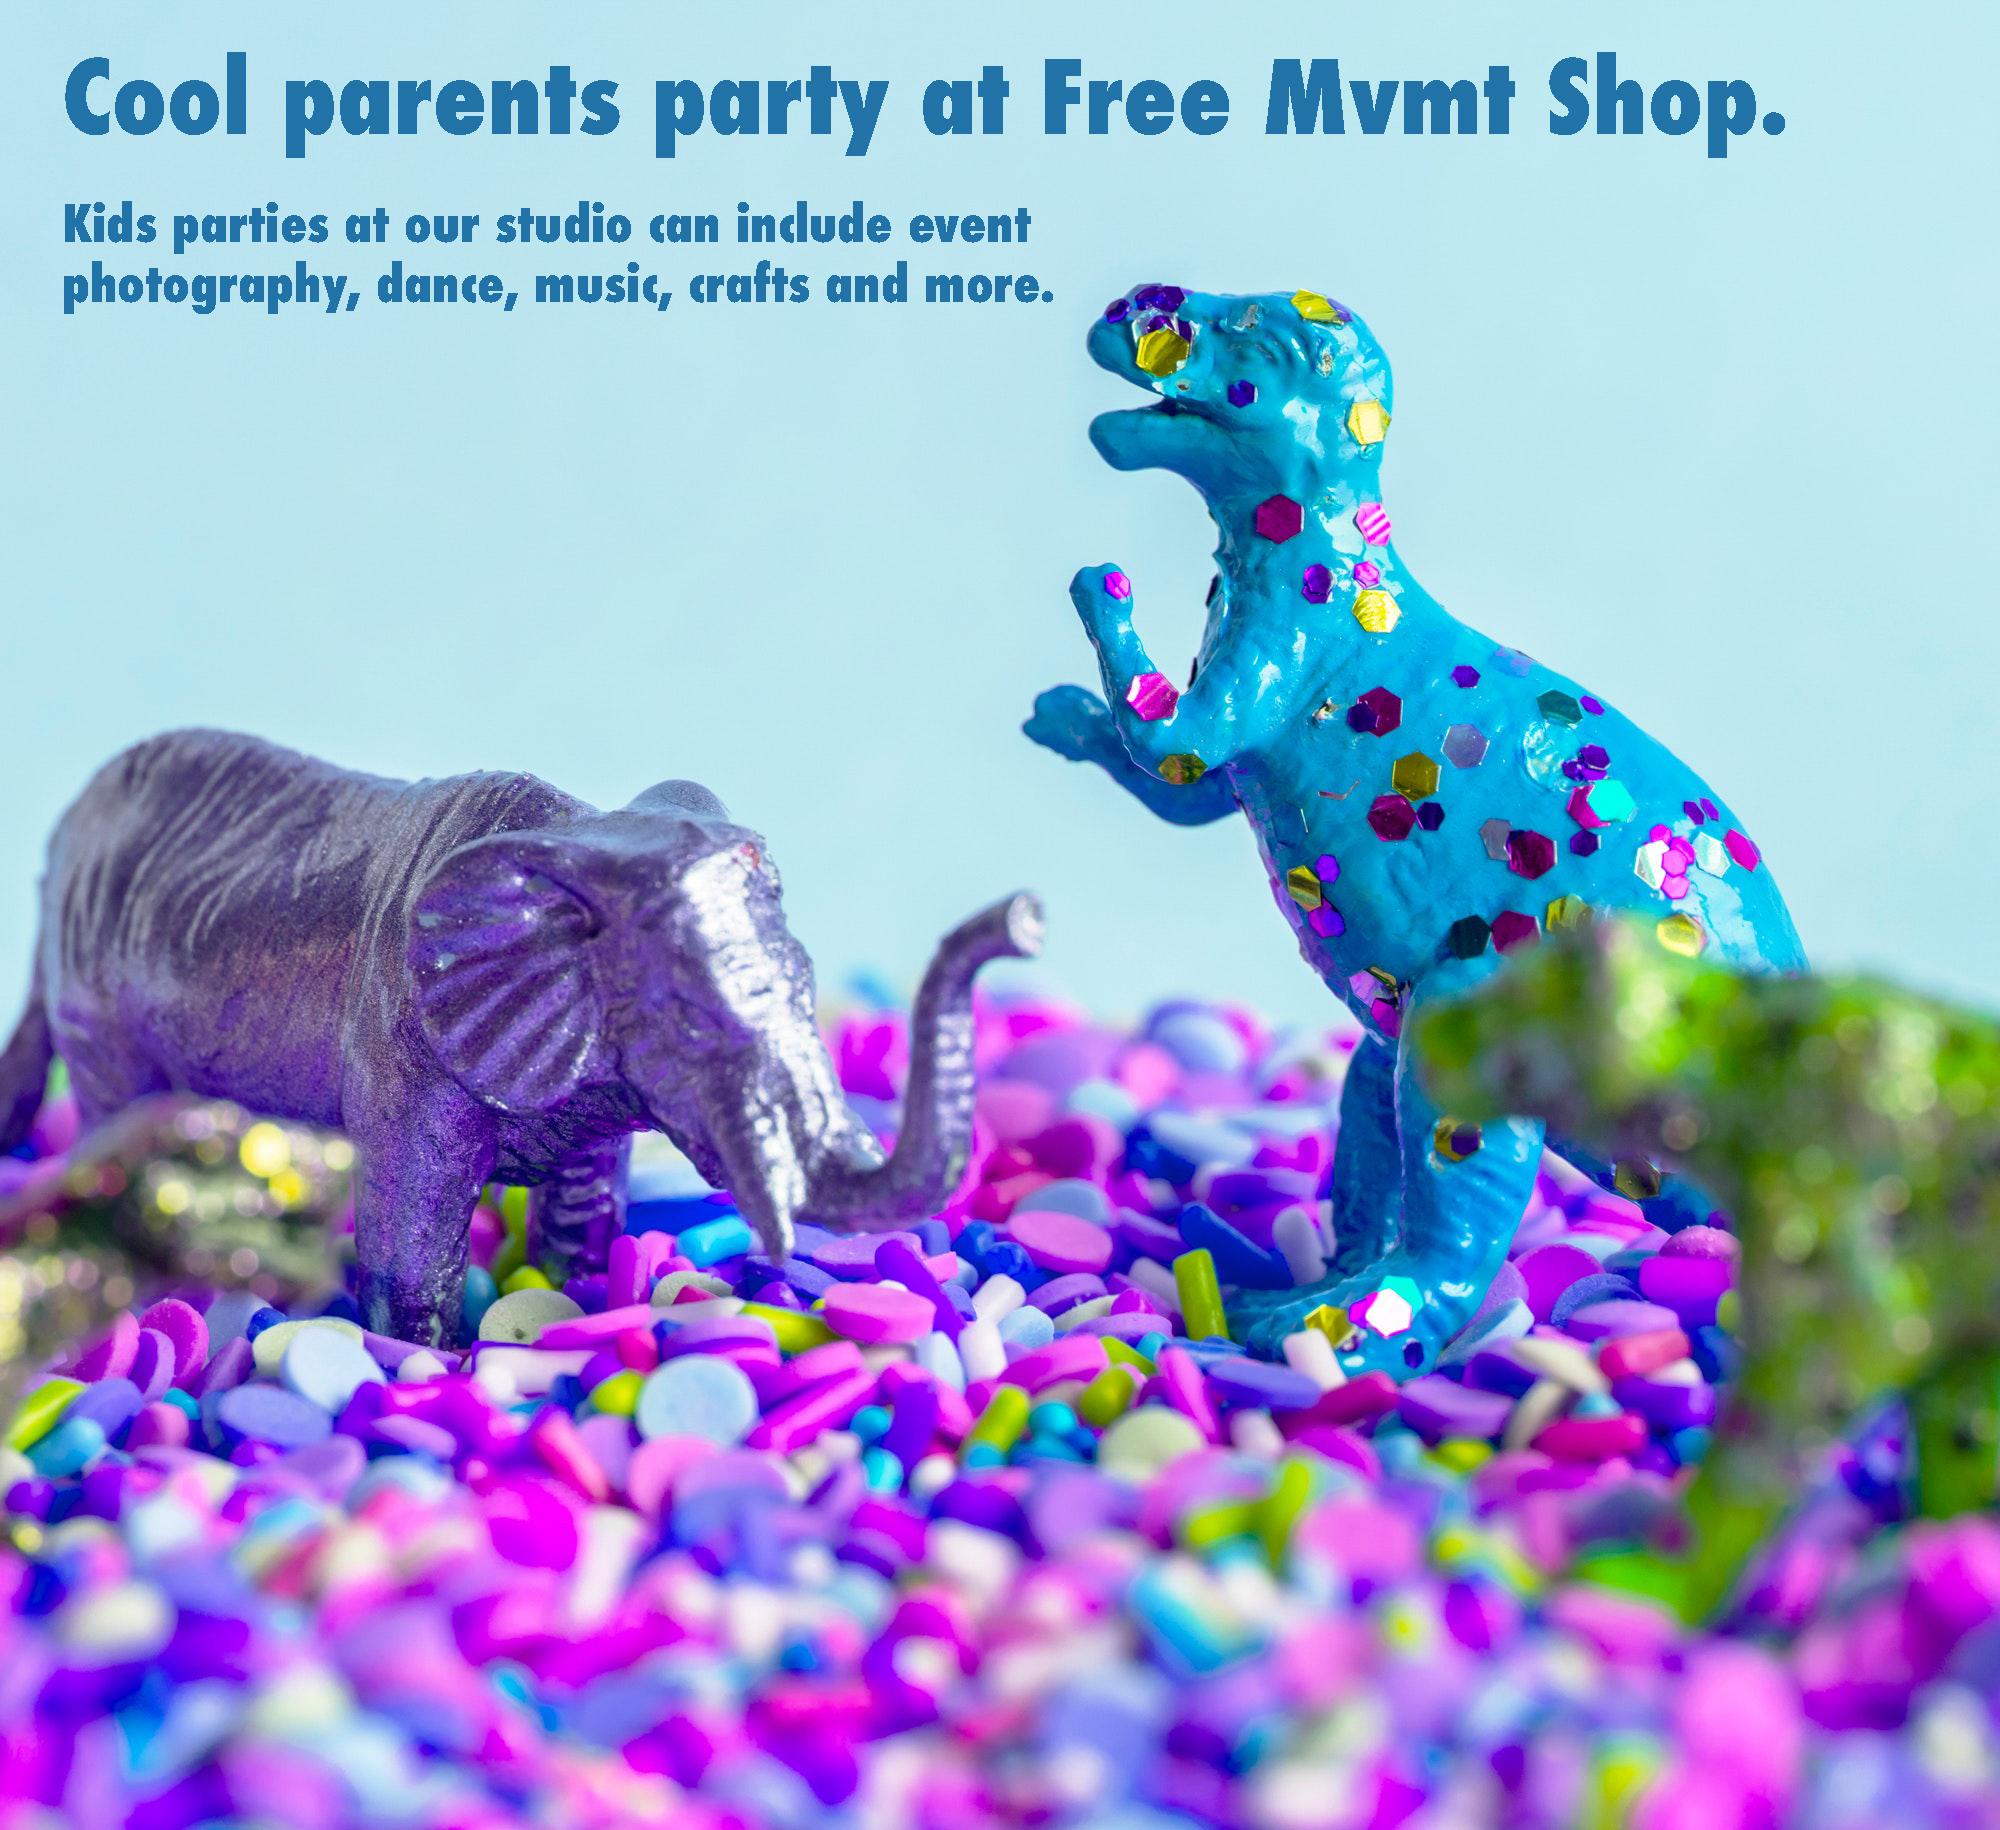 kidsparties.jpg